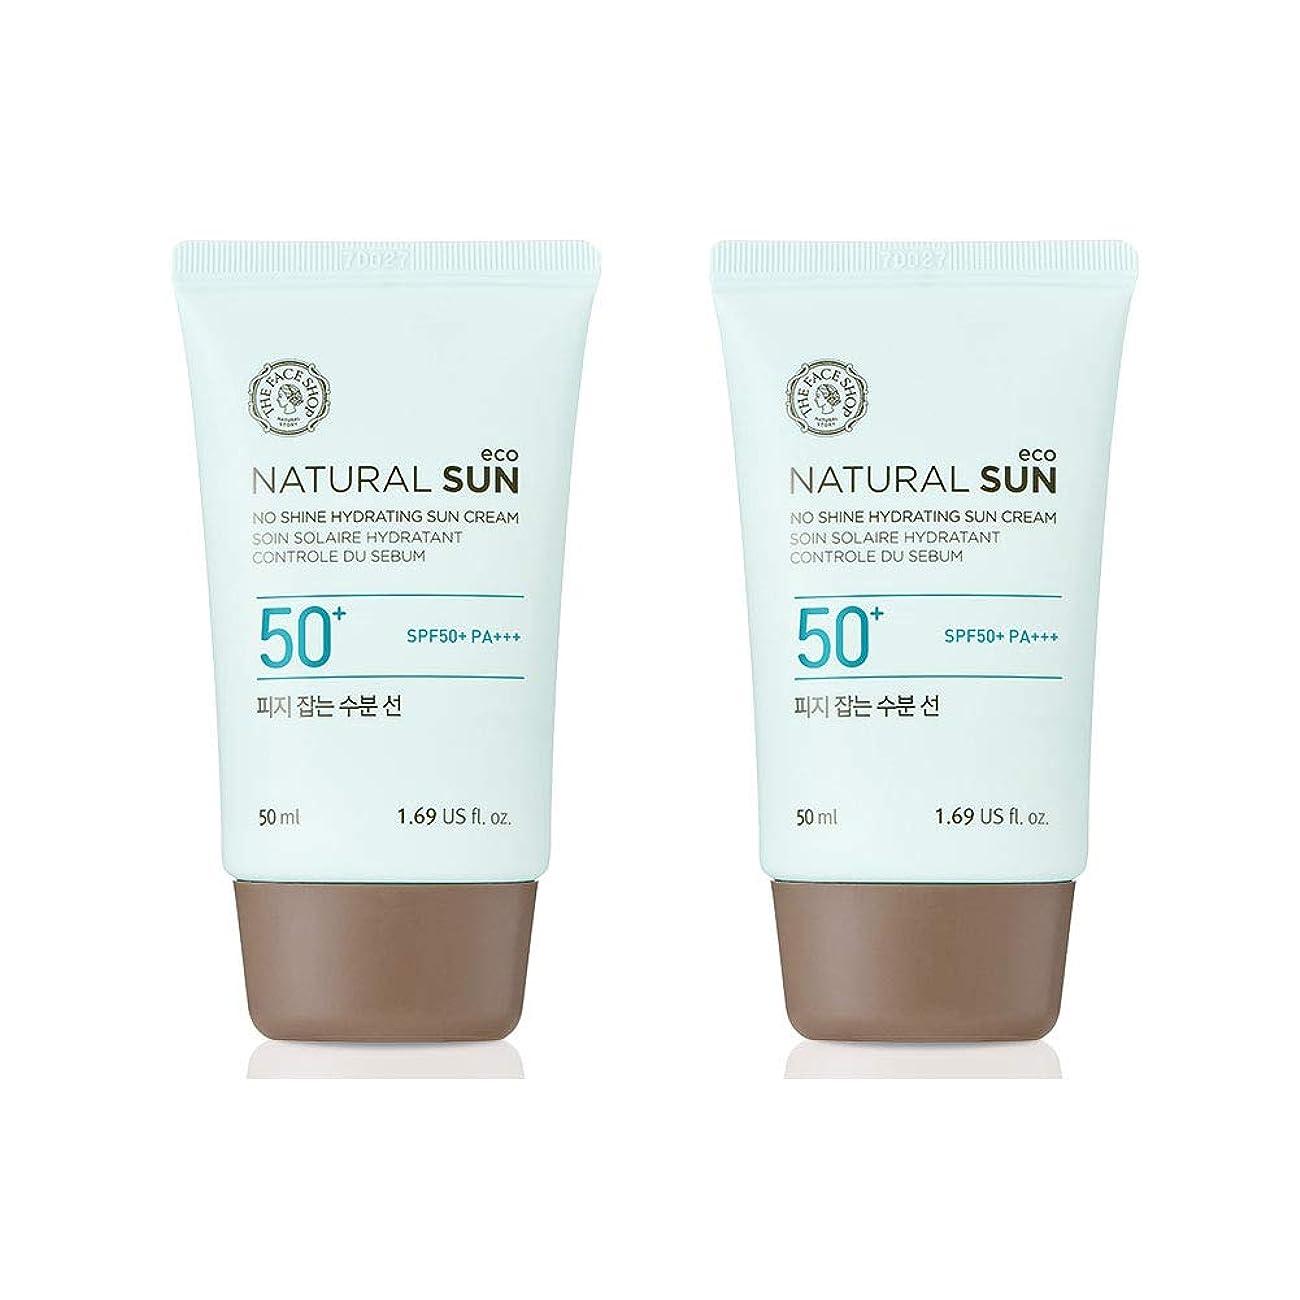 よろめく落ち着くクッションザ?フェイスショップネチュロルソンエコフィジーサン?クリームSPF50+PA+++50ml x 2本セット韓国コスメ、The Face Shop Natural Sun Eco No Shine Hydrating Sun Cream SPF50+ PA+++ 50ml x 2ea Set Korean Cosmetics [並行輸入品]